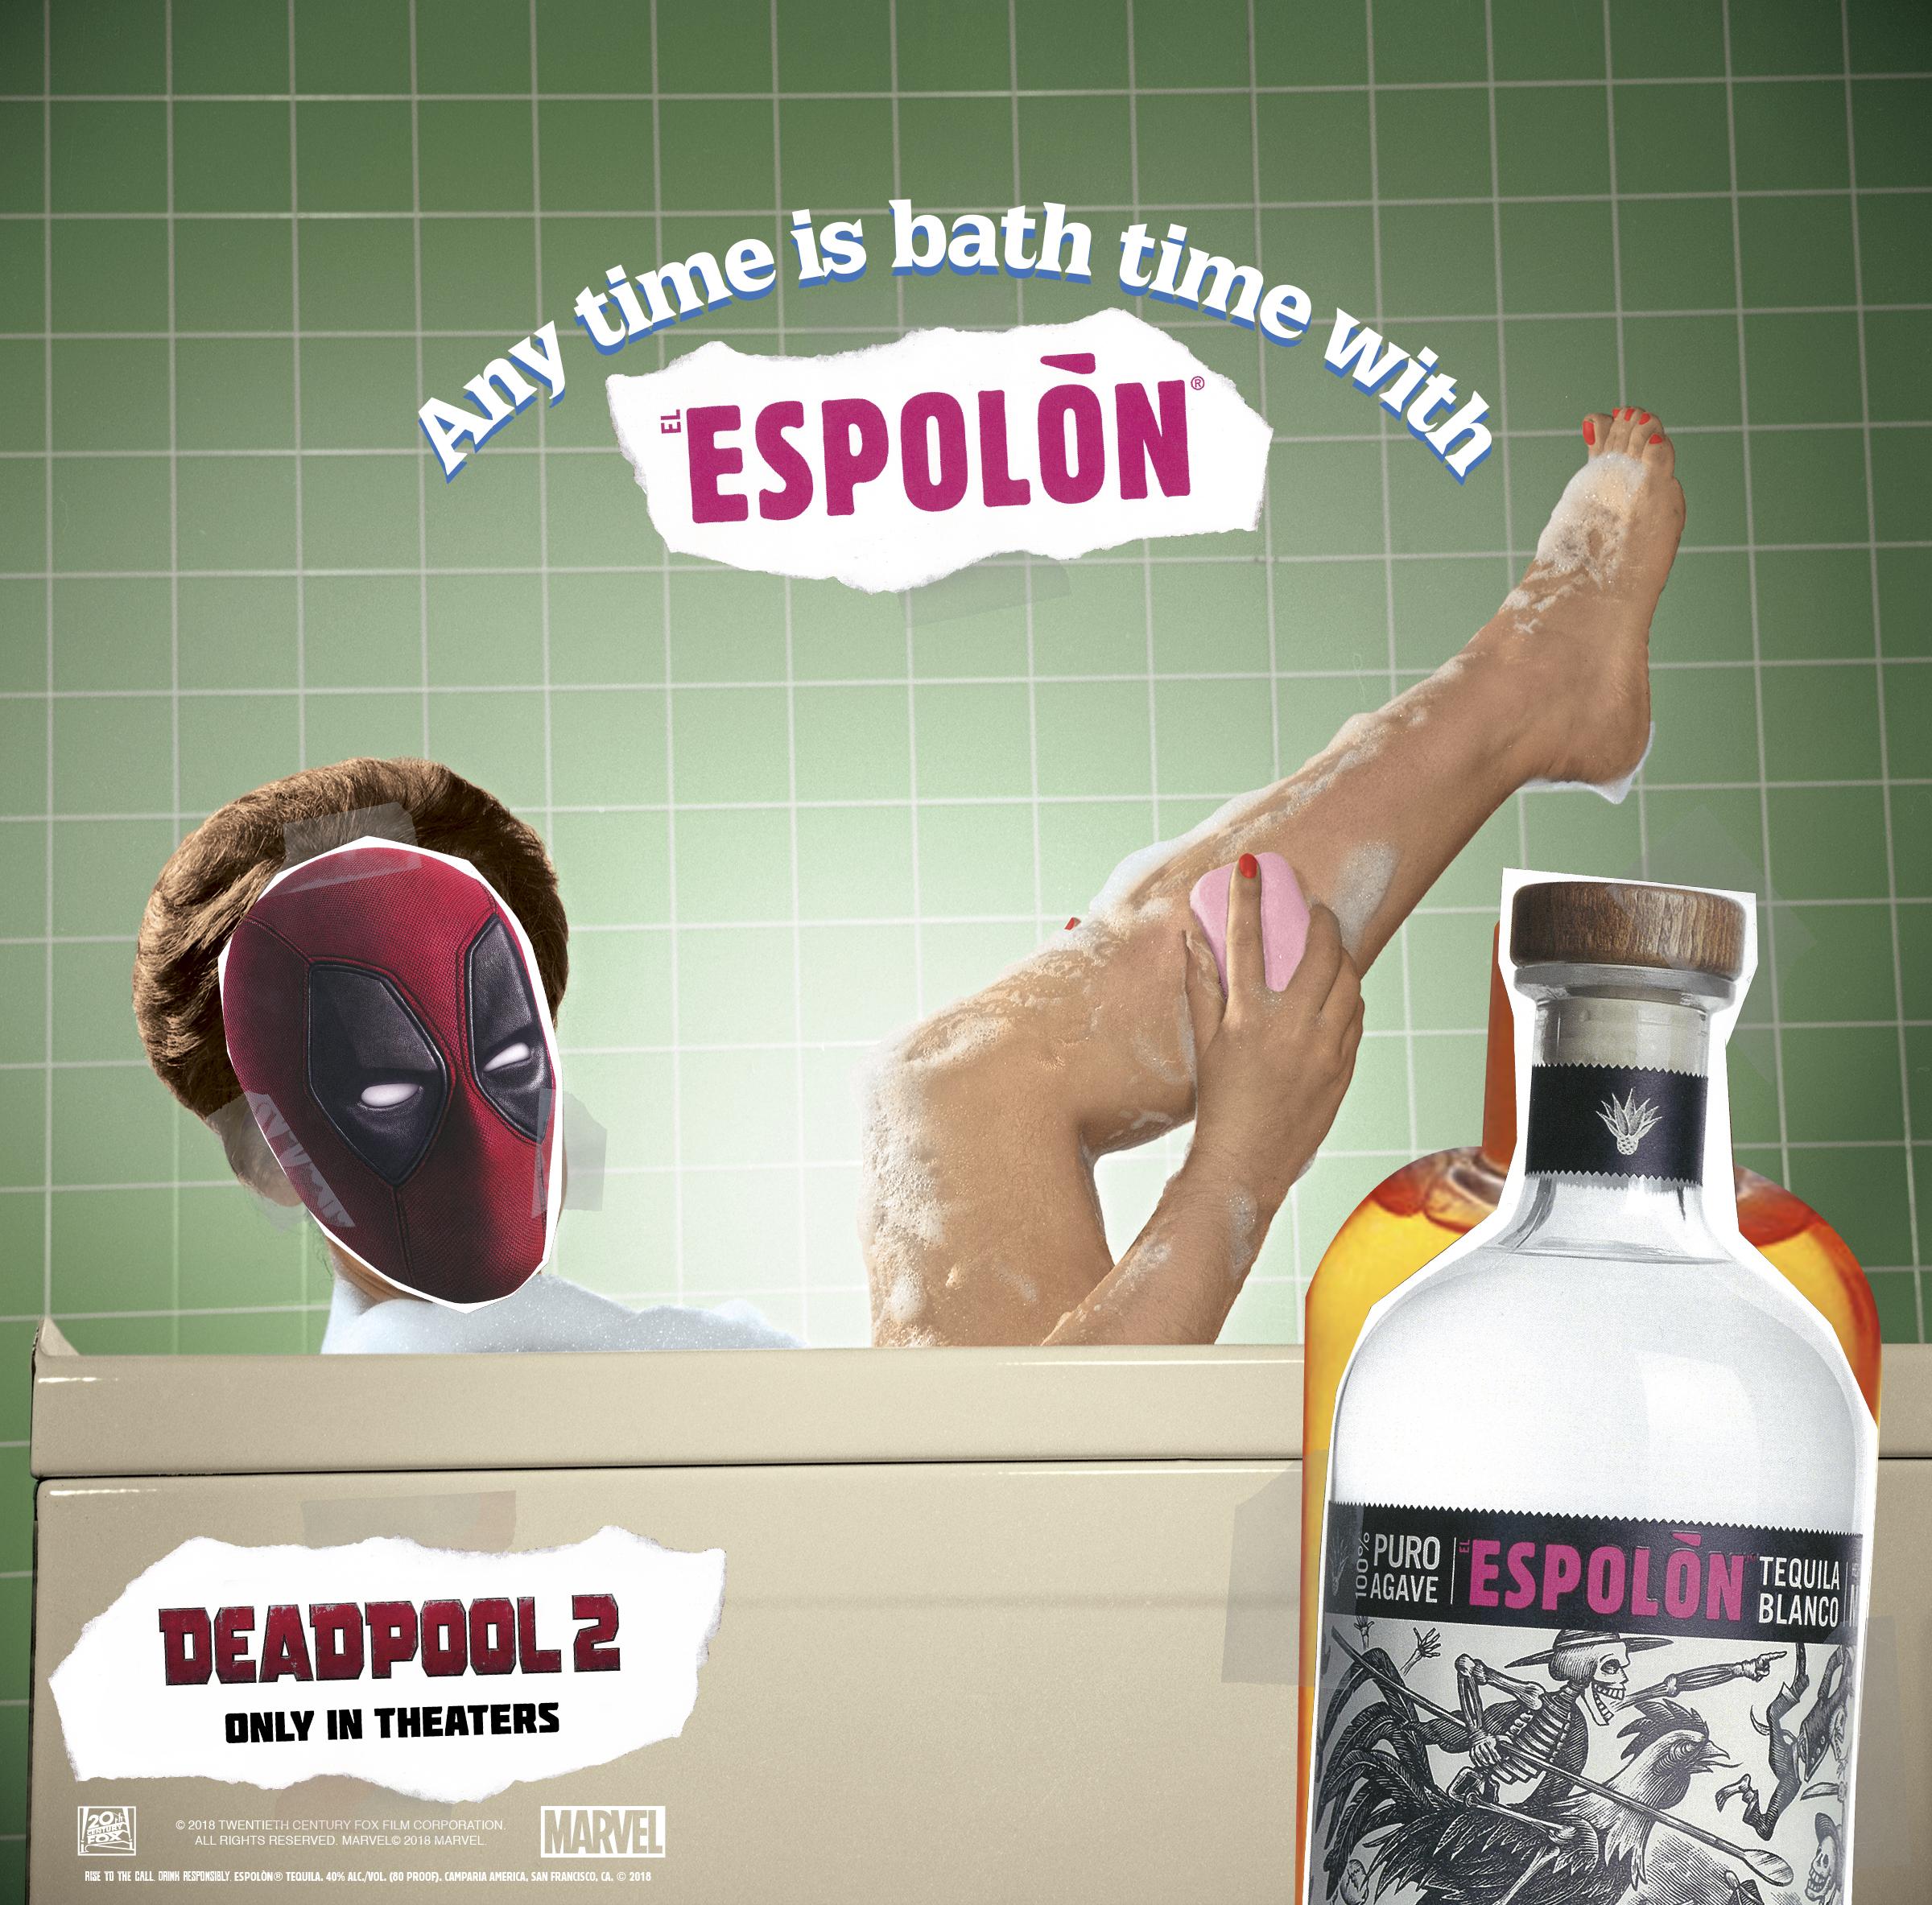 espolonxdeadpool-bubble-bath-ad.jpg